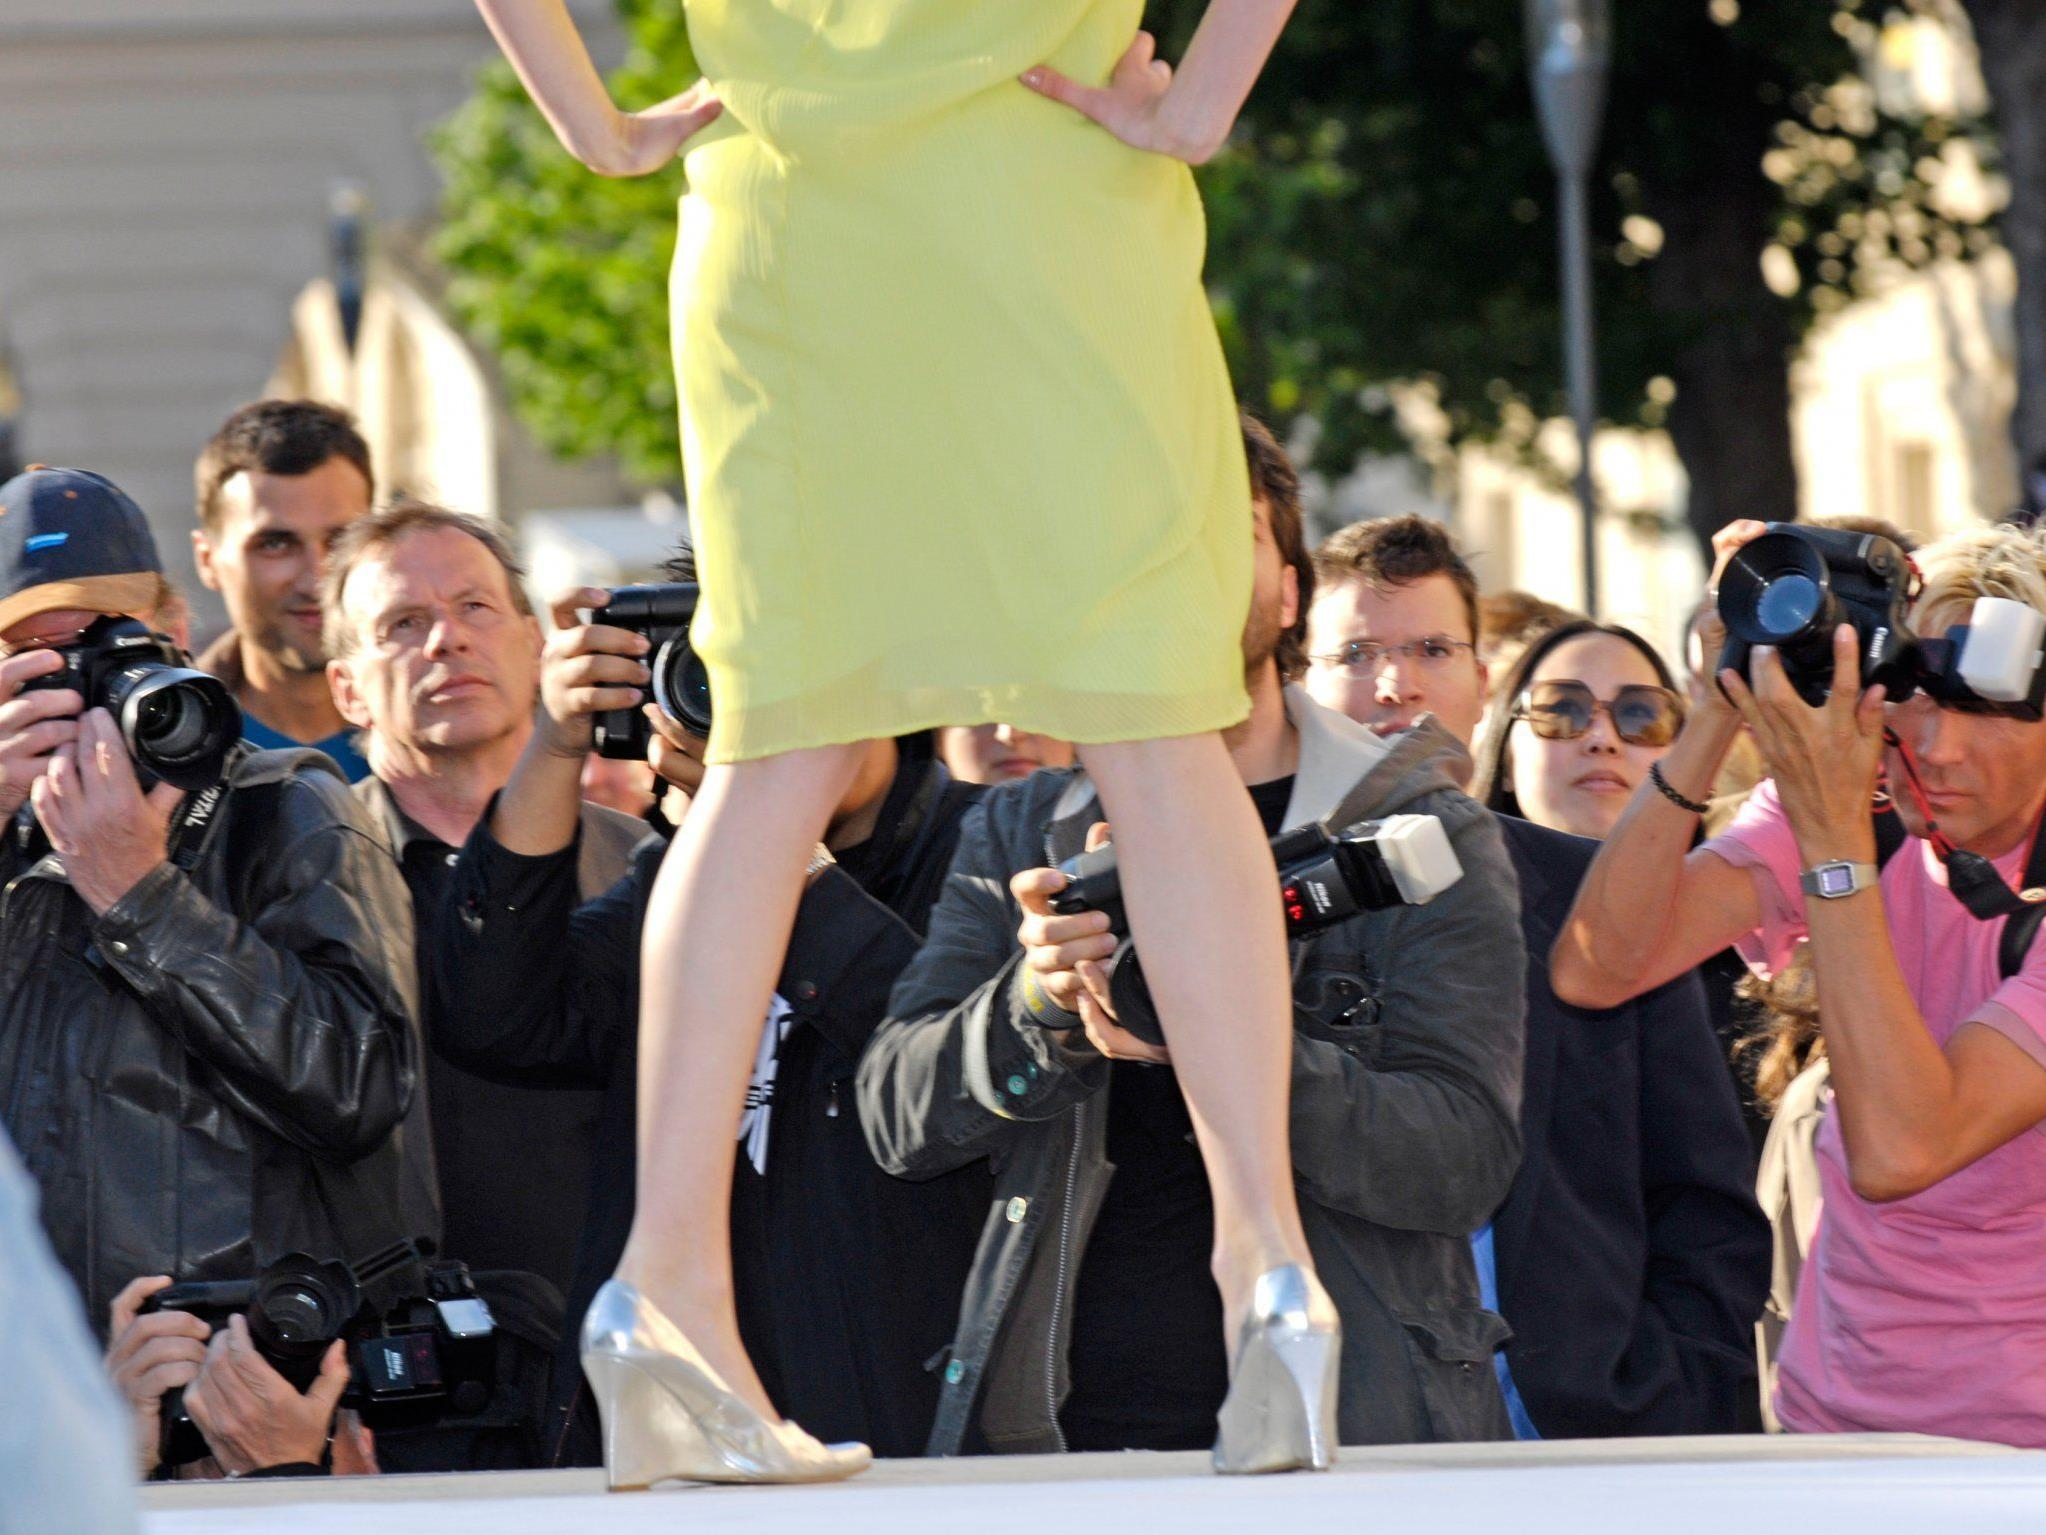 """Nicht nur Modefans kommen beim """"Summer of Fashion"""" auf ihre Kosten, denn alles dreht sich um Kunst und Mode."""